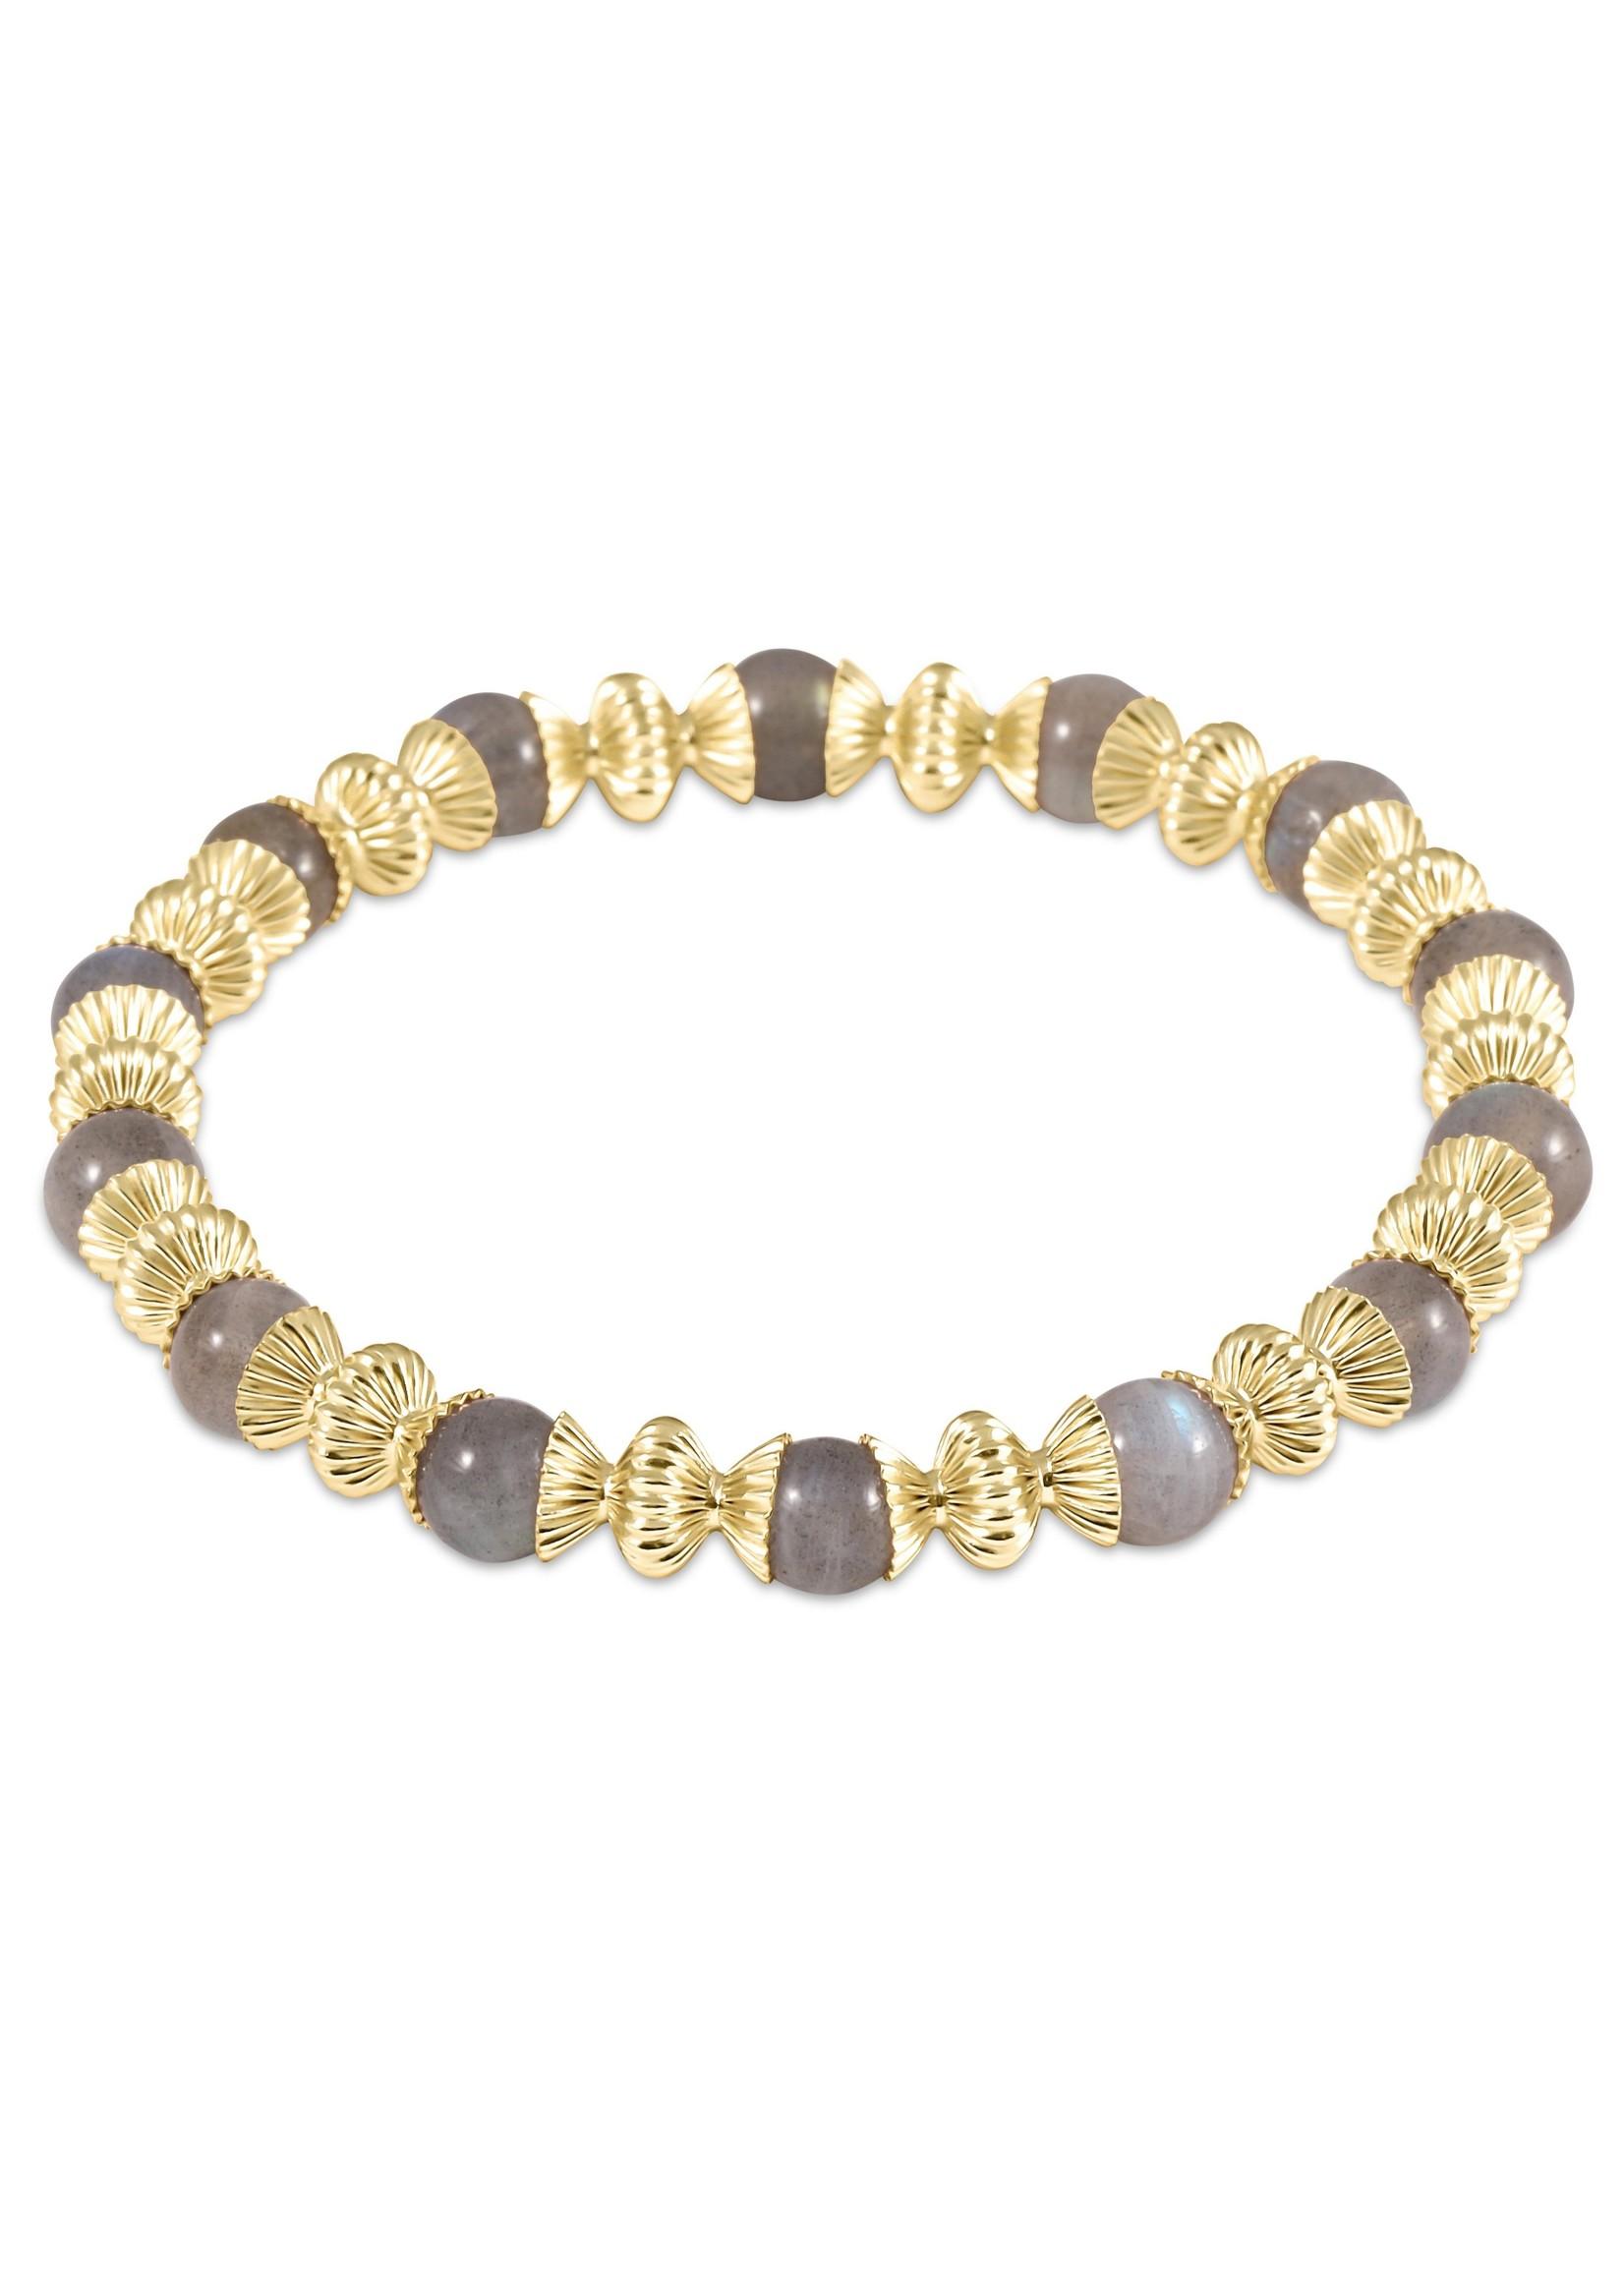 enewton Loyalty Gold 6mm Bead Bracelet - Labradorite